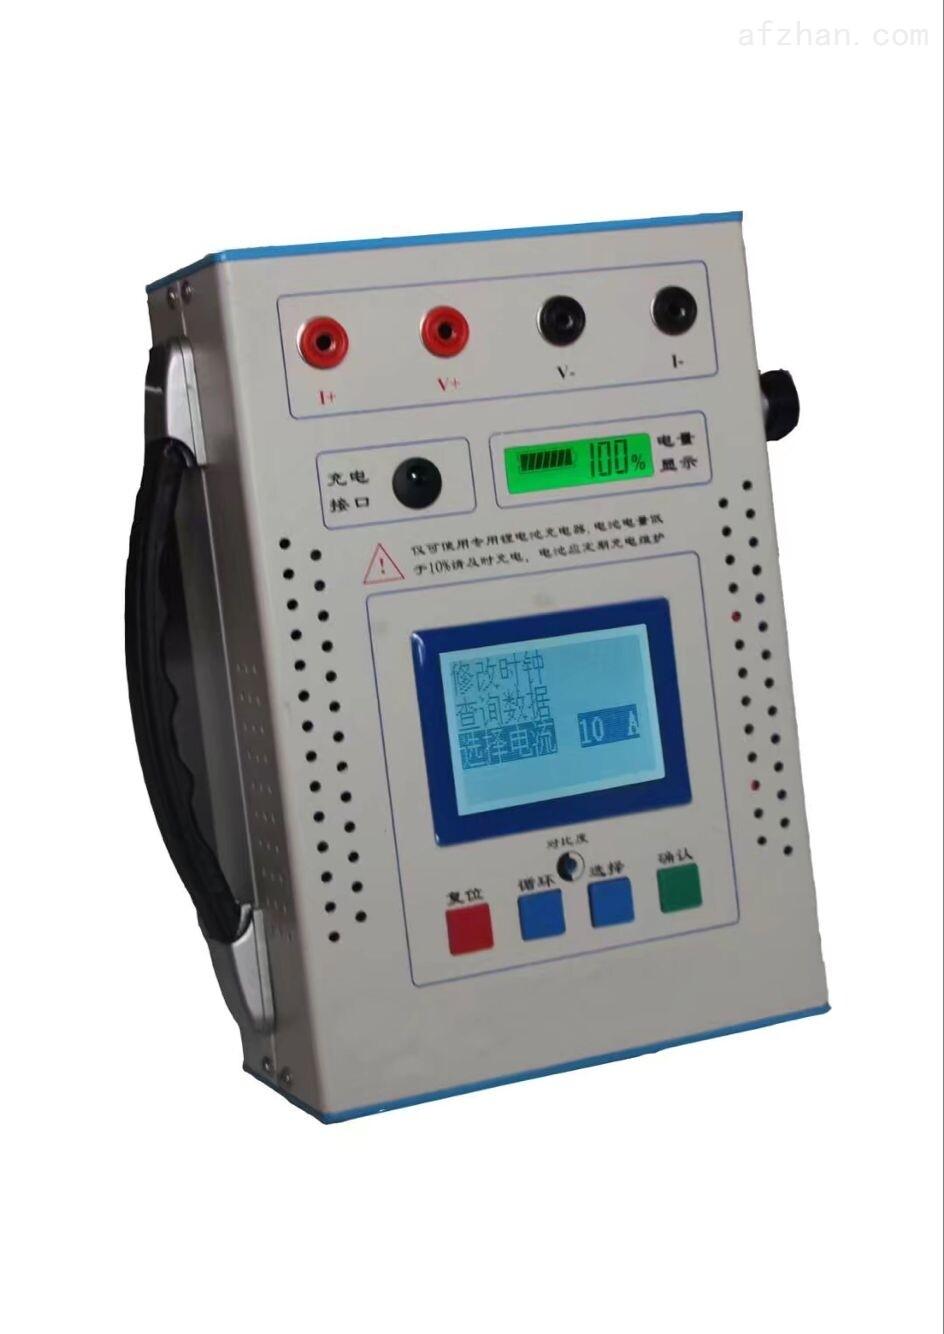 能力强直流电阻测试仪测速快